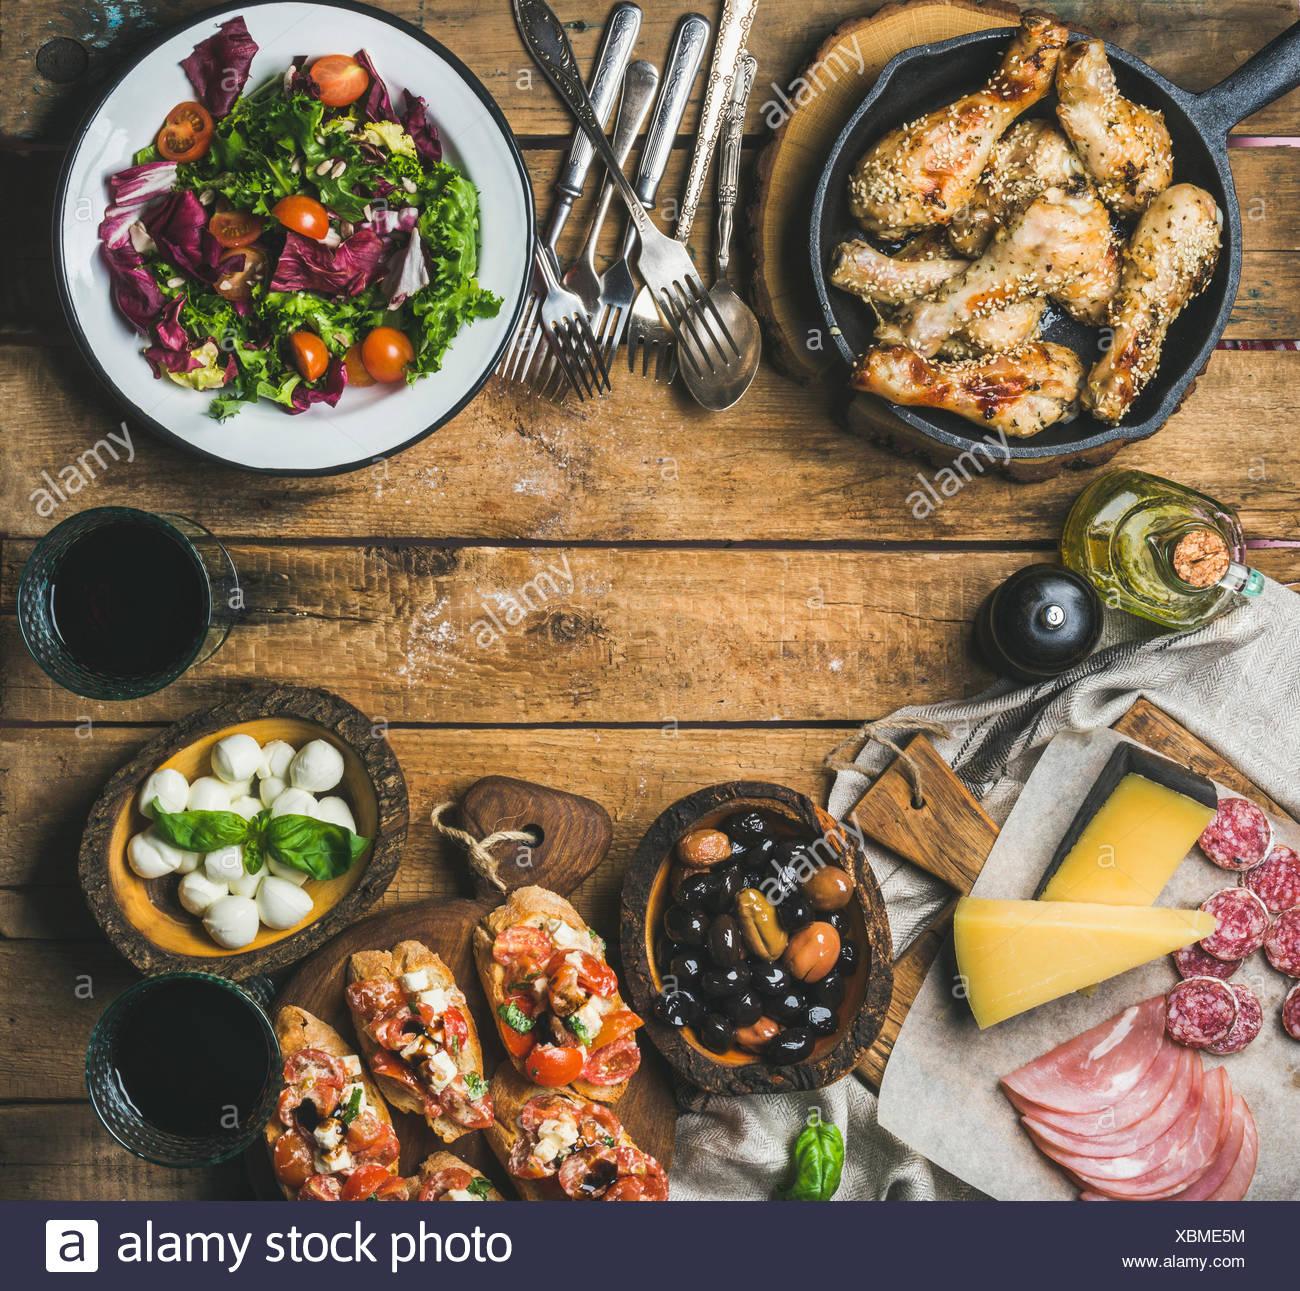 Tableau partie arrangement. Set de table rustique avec une salade de légumes, olives, poulet, tomate et fromage feta brushettas ou des sandwiches, des collations et de la r Photo Stock